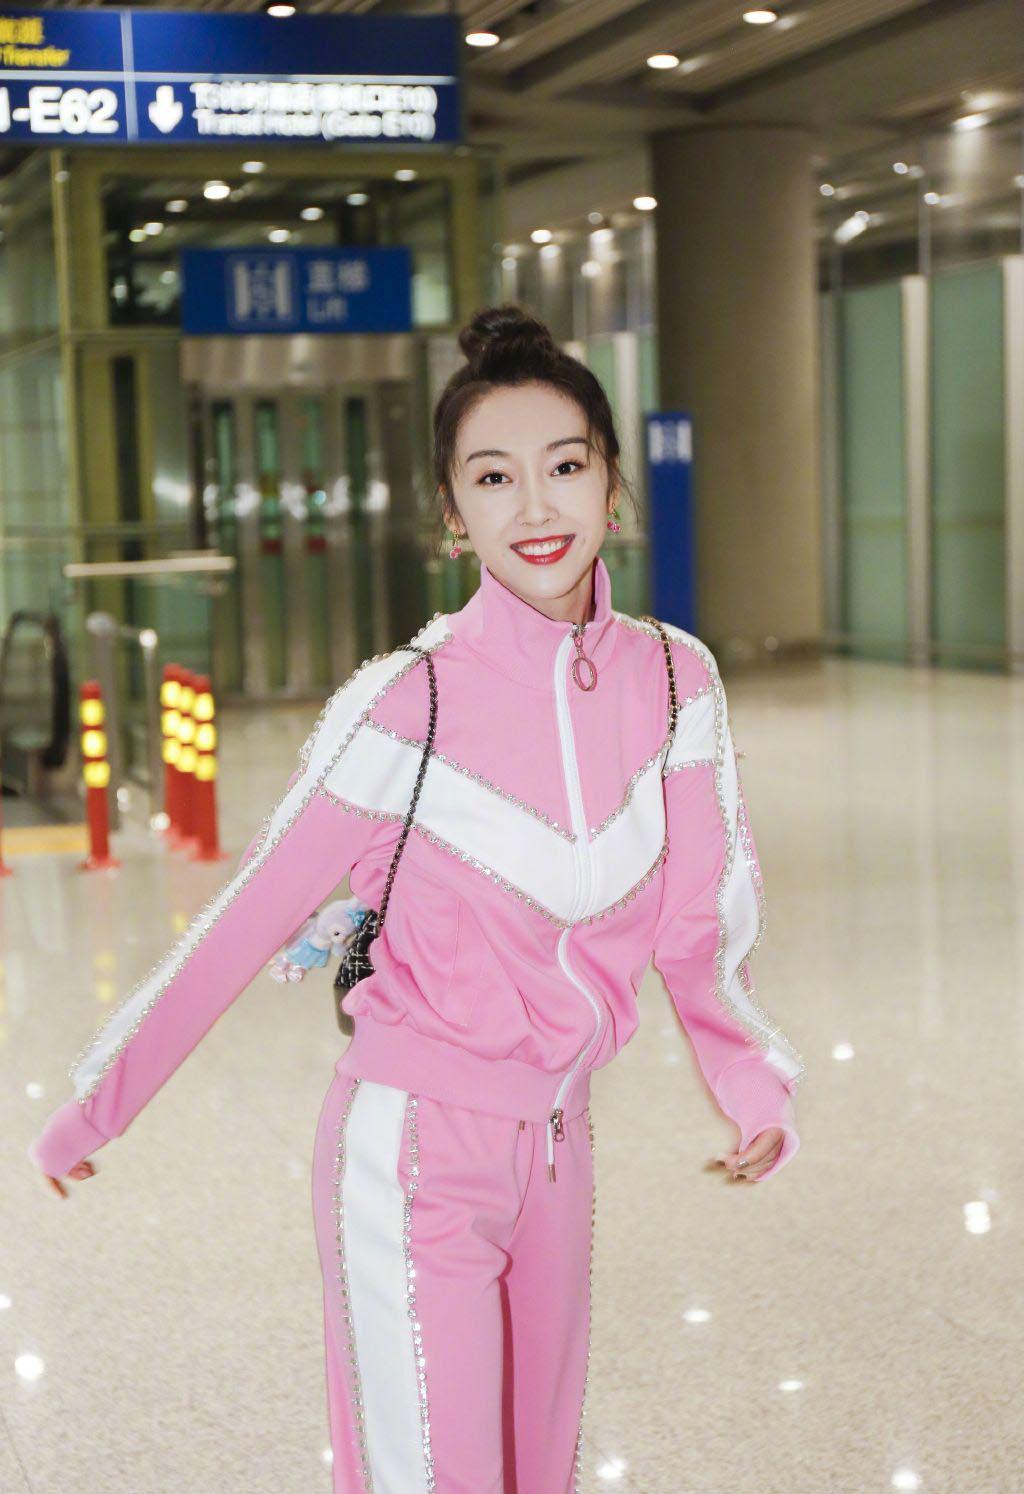 宣璐机场上演小可爱,身着一袭芭比粉运动装,可爱的就如同小精灵